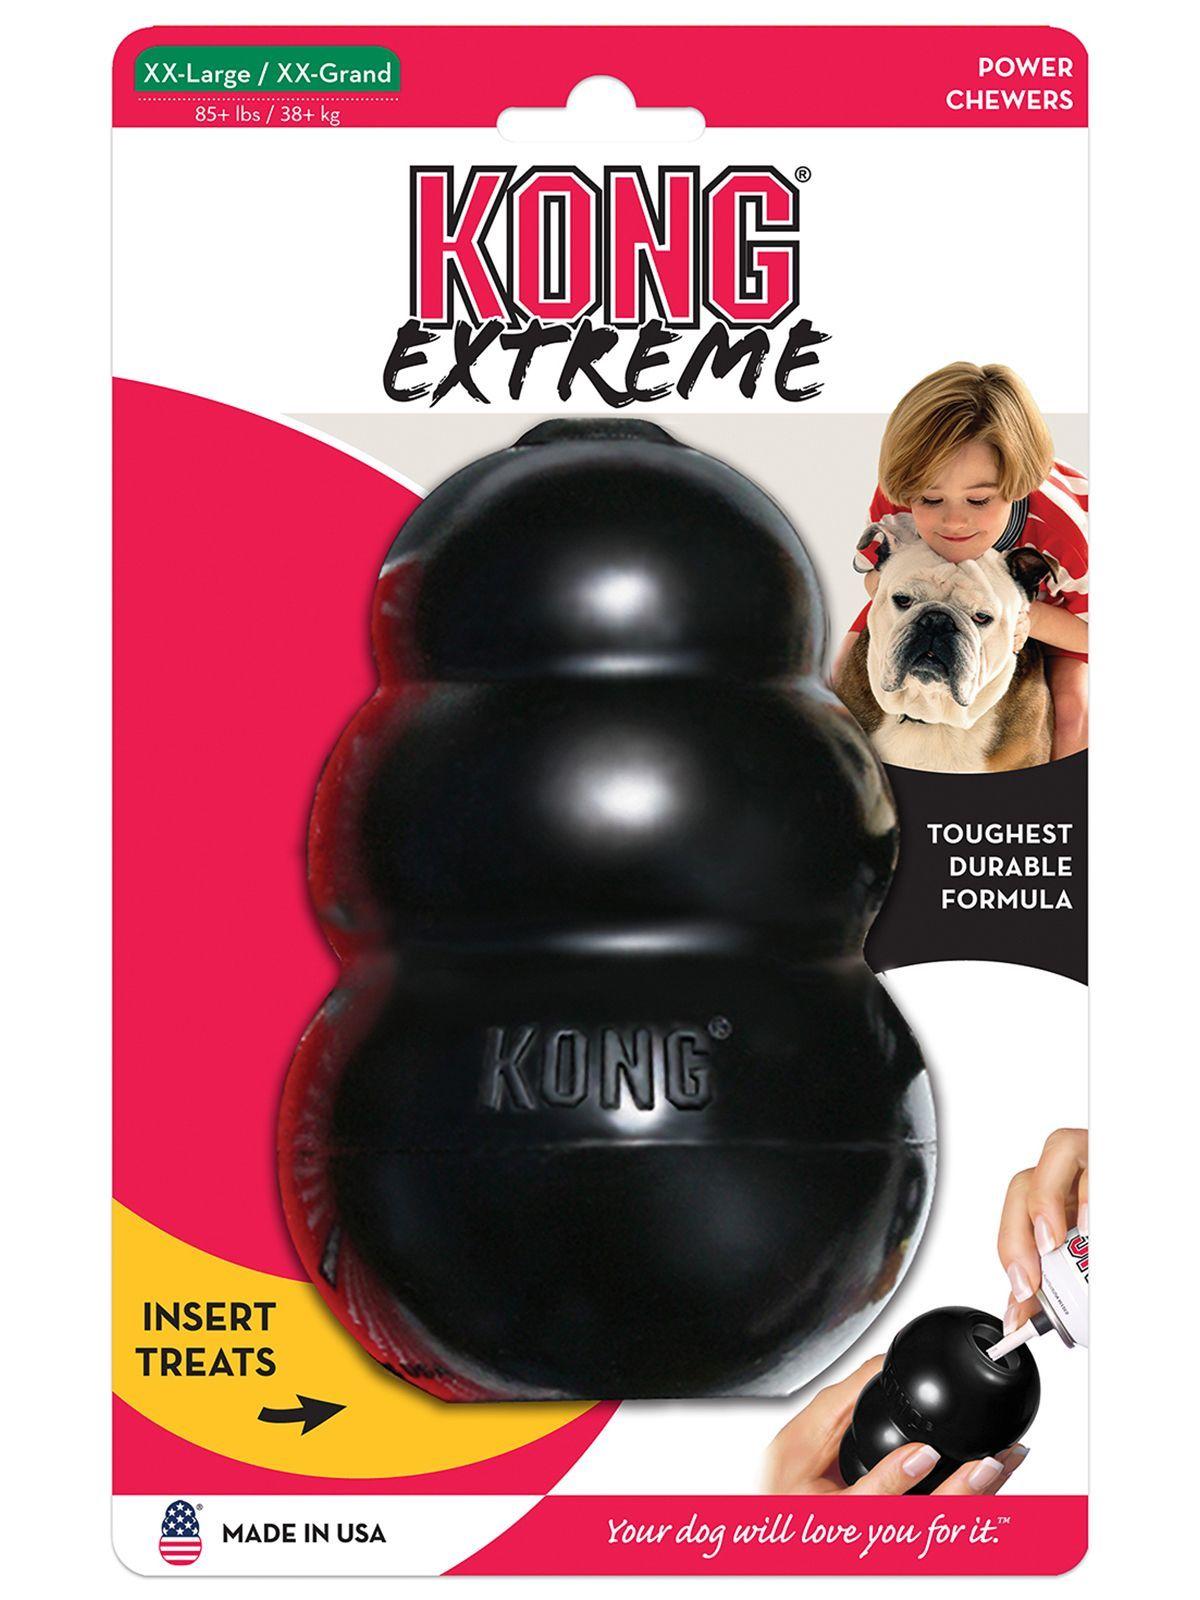 Игрушки Игрушка для собак KONG Extreme XXL очень прочная самая большая 15х10 см UKKE_1.jpeg